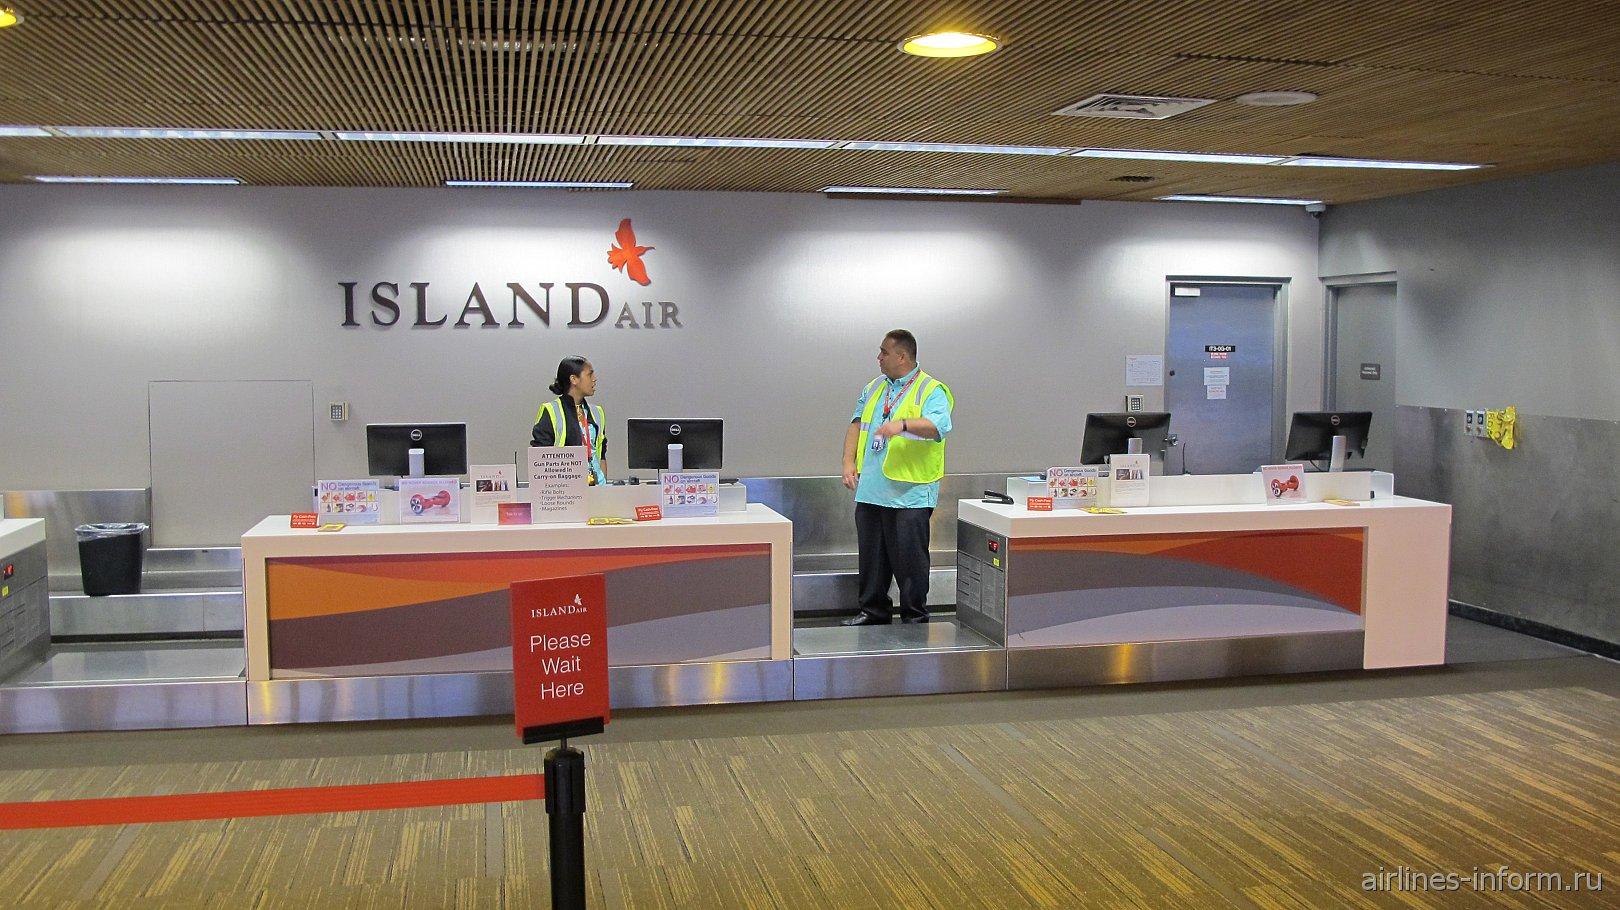 Стойки регистрации авиакомпании Island Air в аэропорту Гонолулу